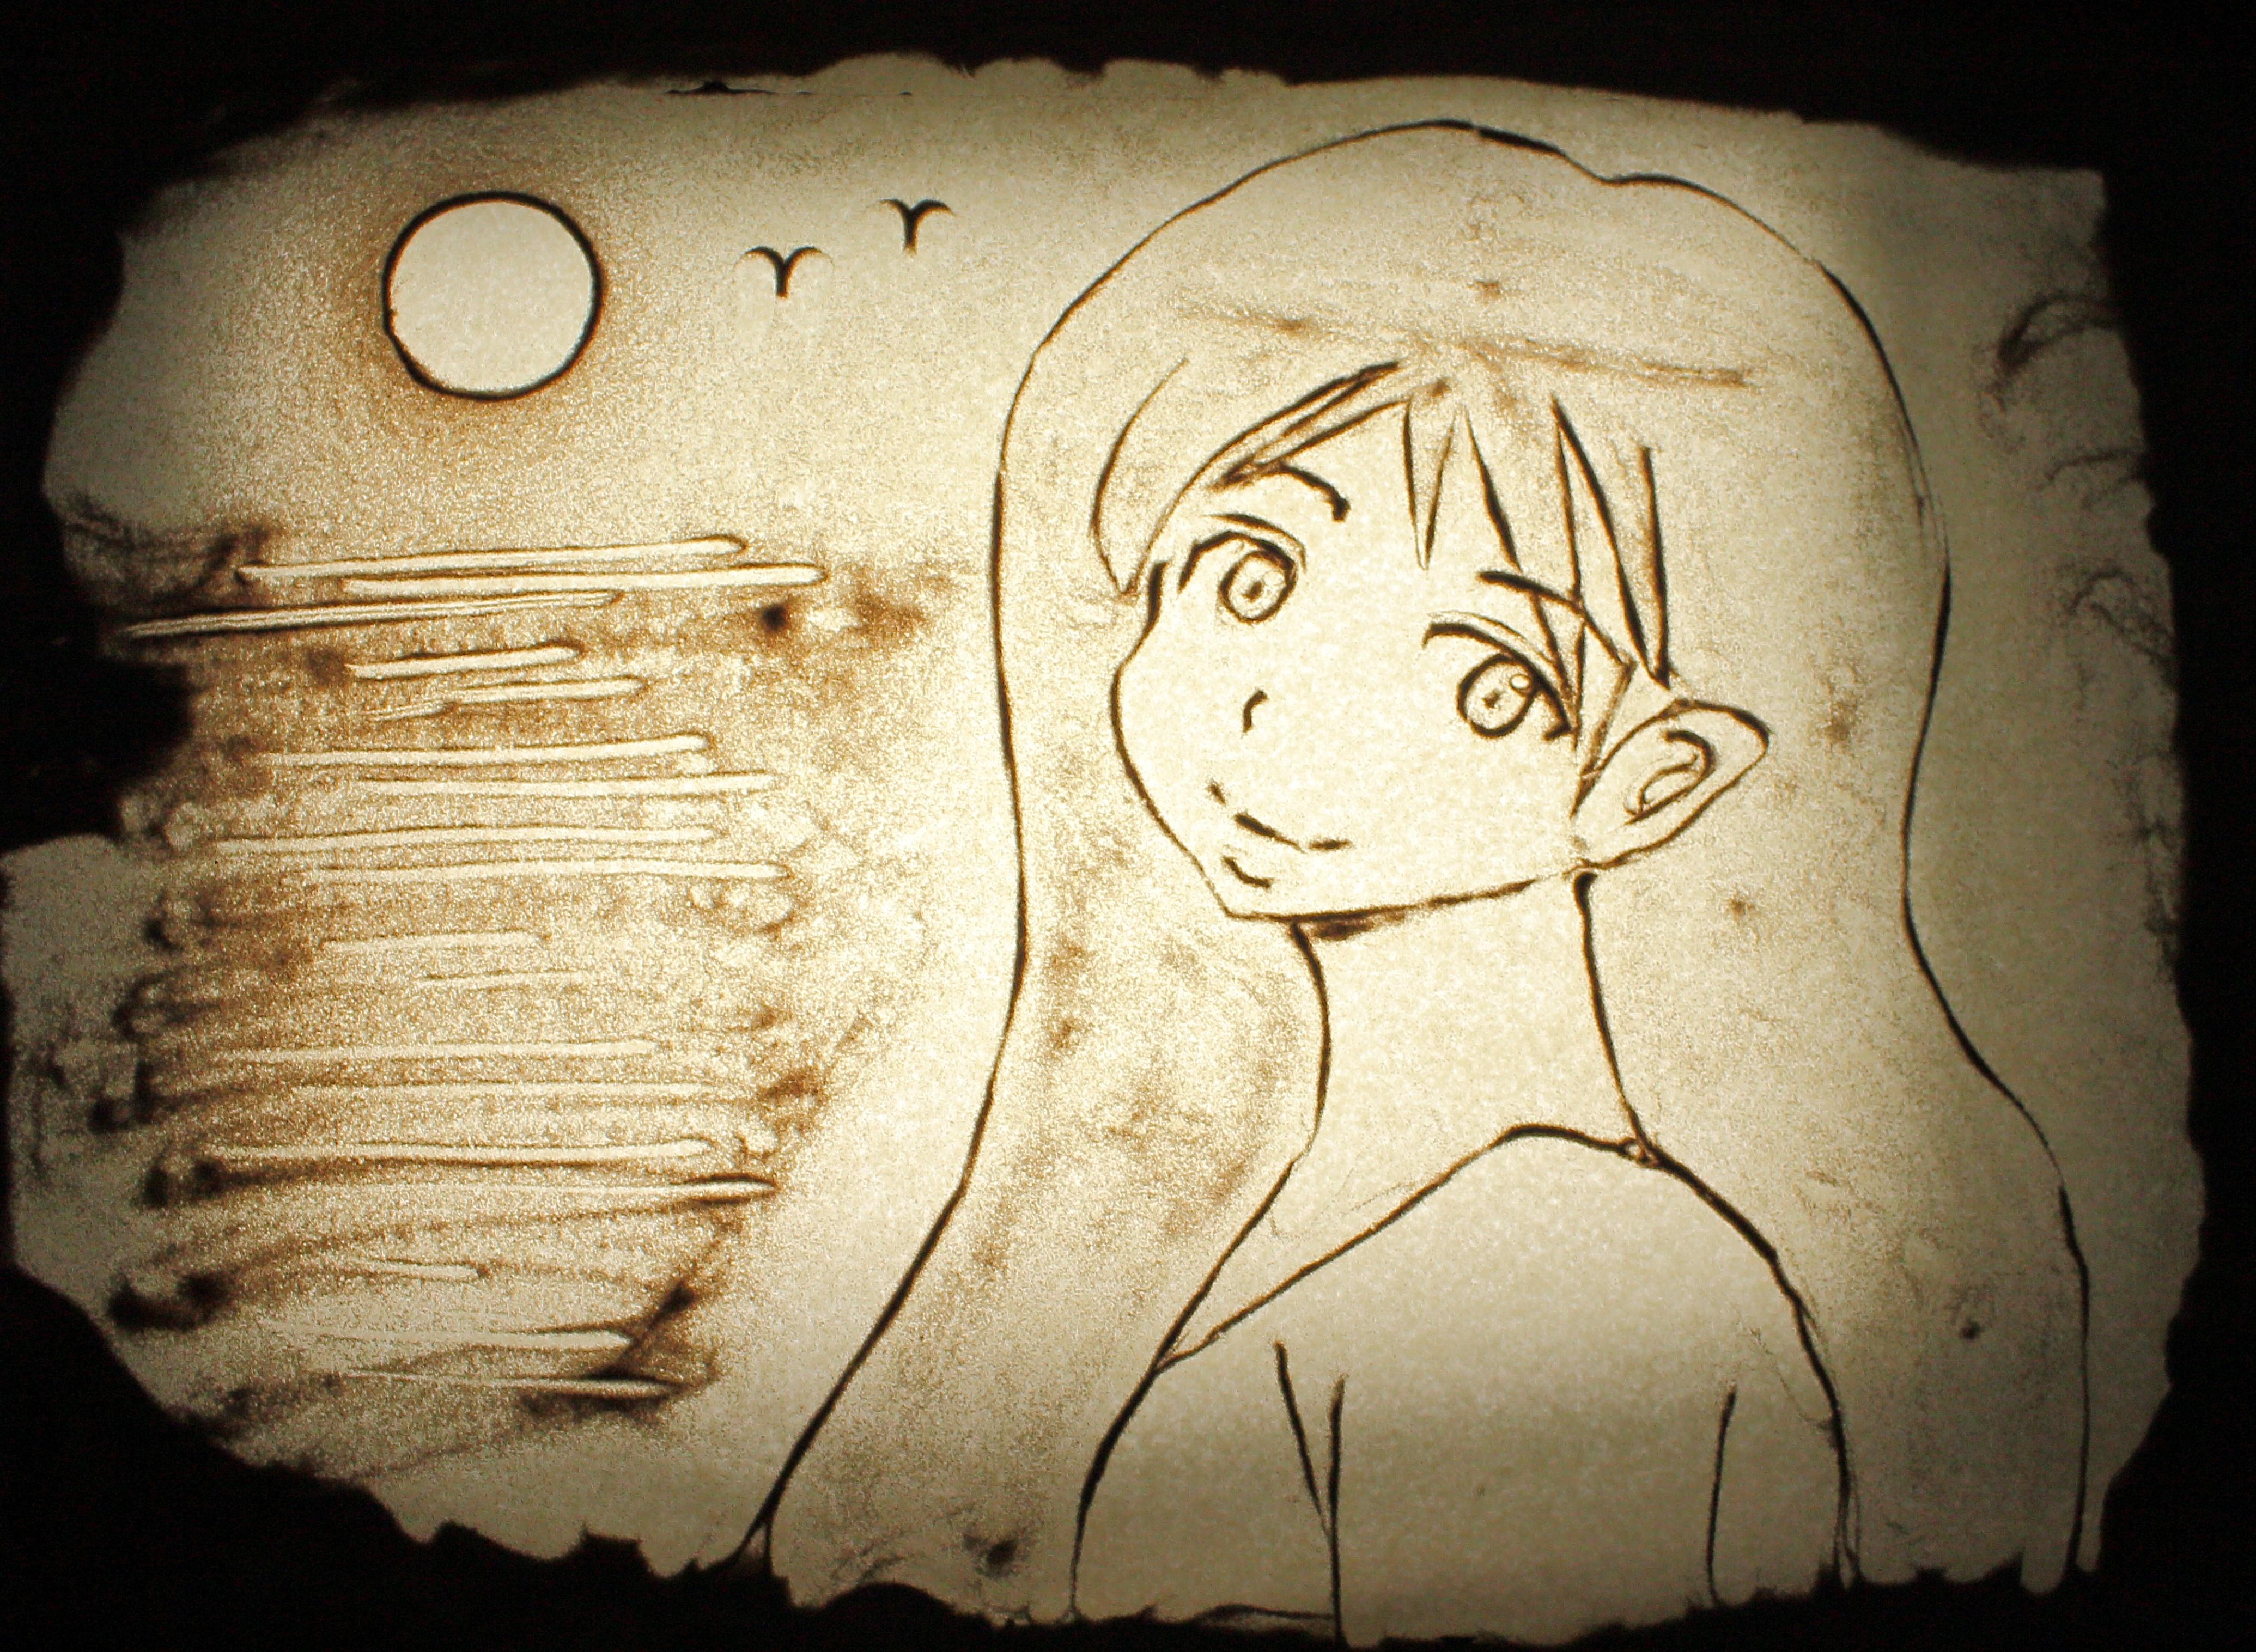 サンドアーティストの森マサミチさんと、動画でコラボ作品を制作しました。